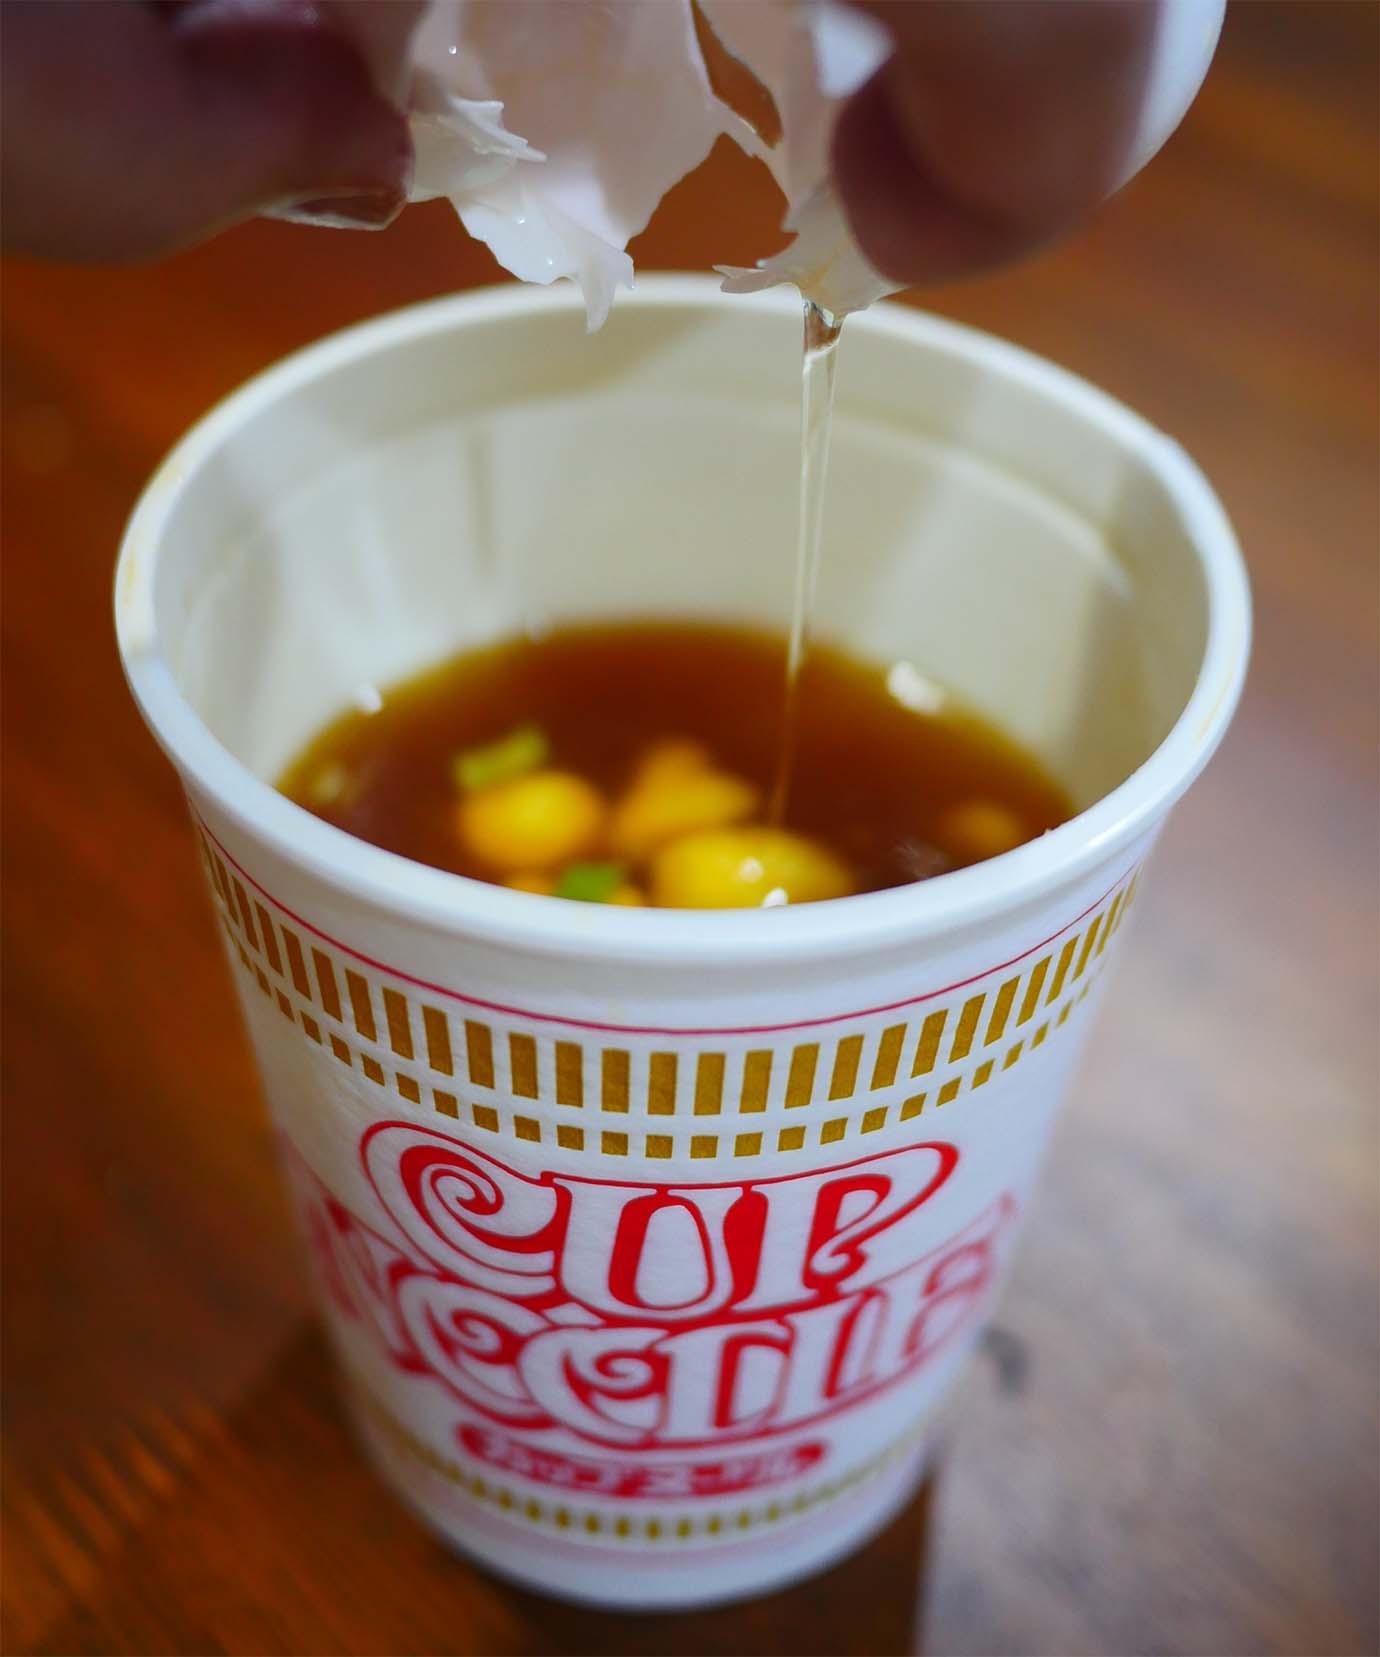 cup-noodles-chawanmushi-news5